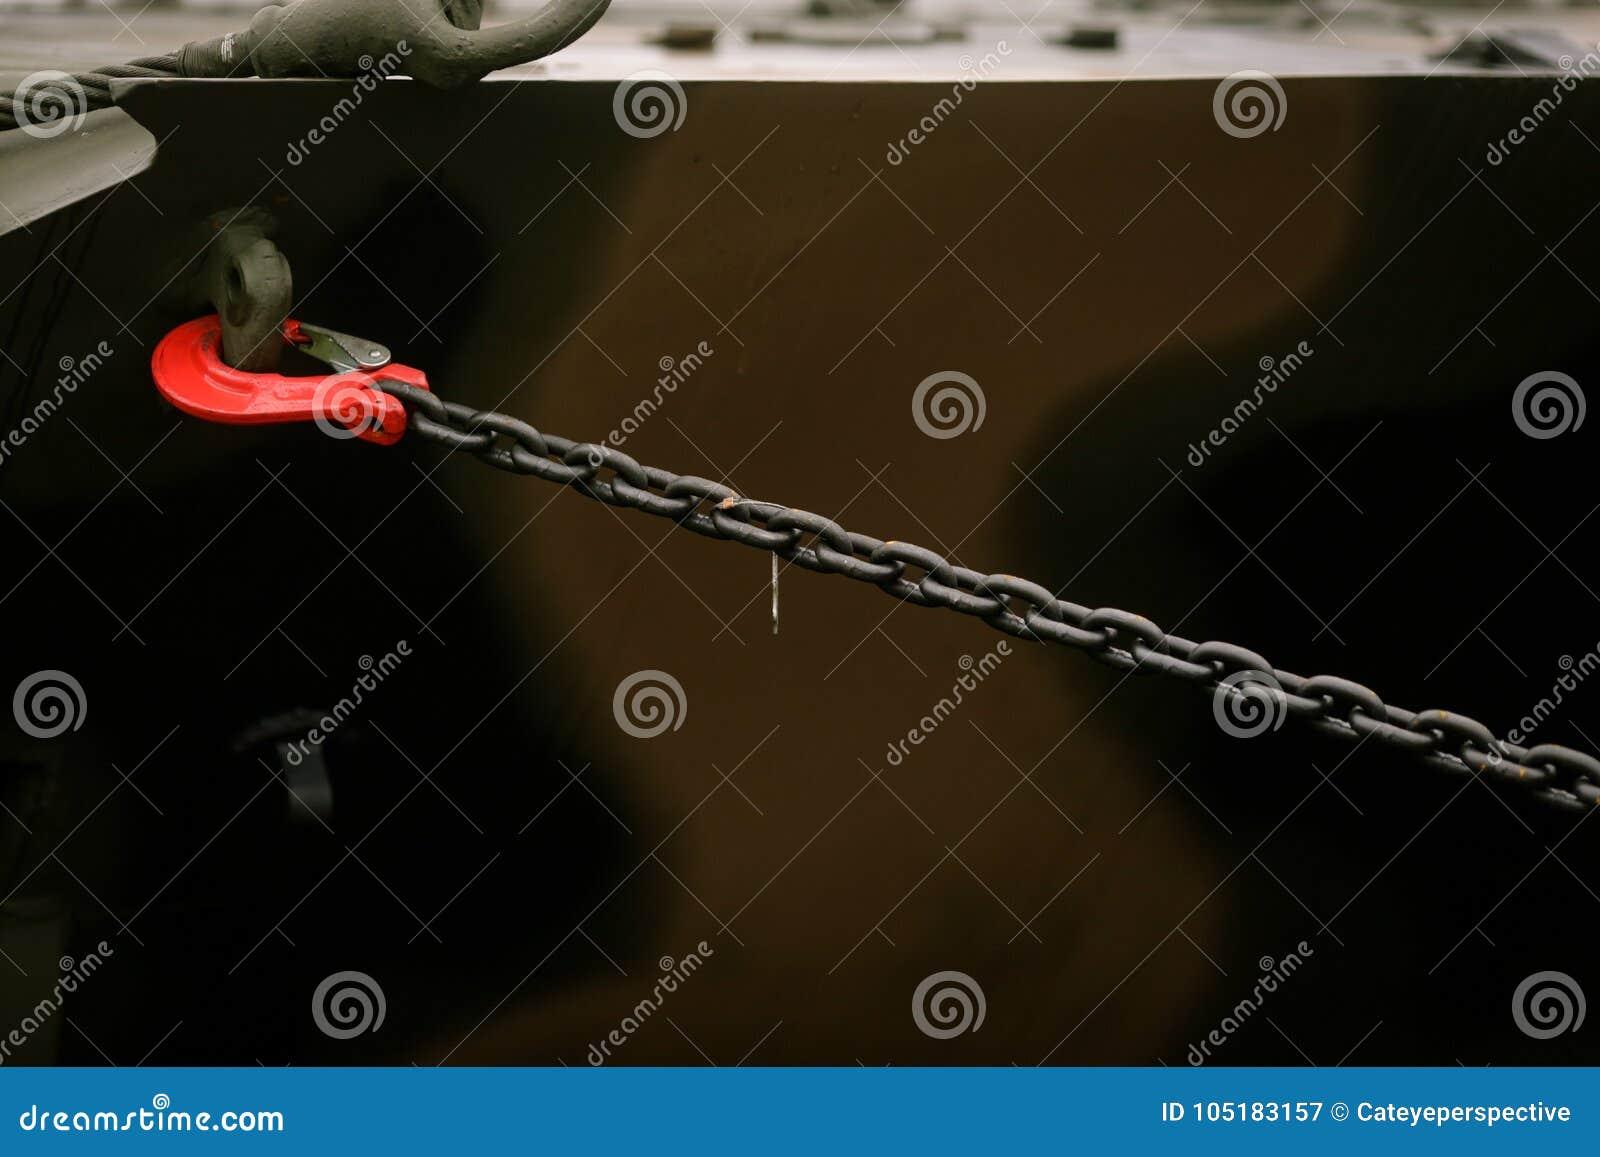 Säkerhets kedjan krok upp